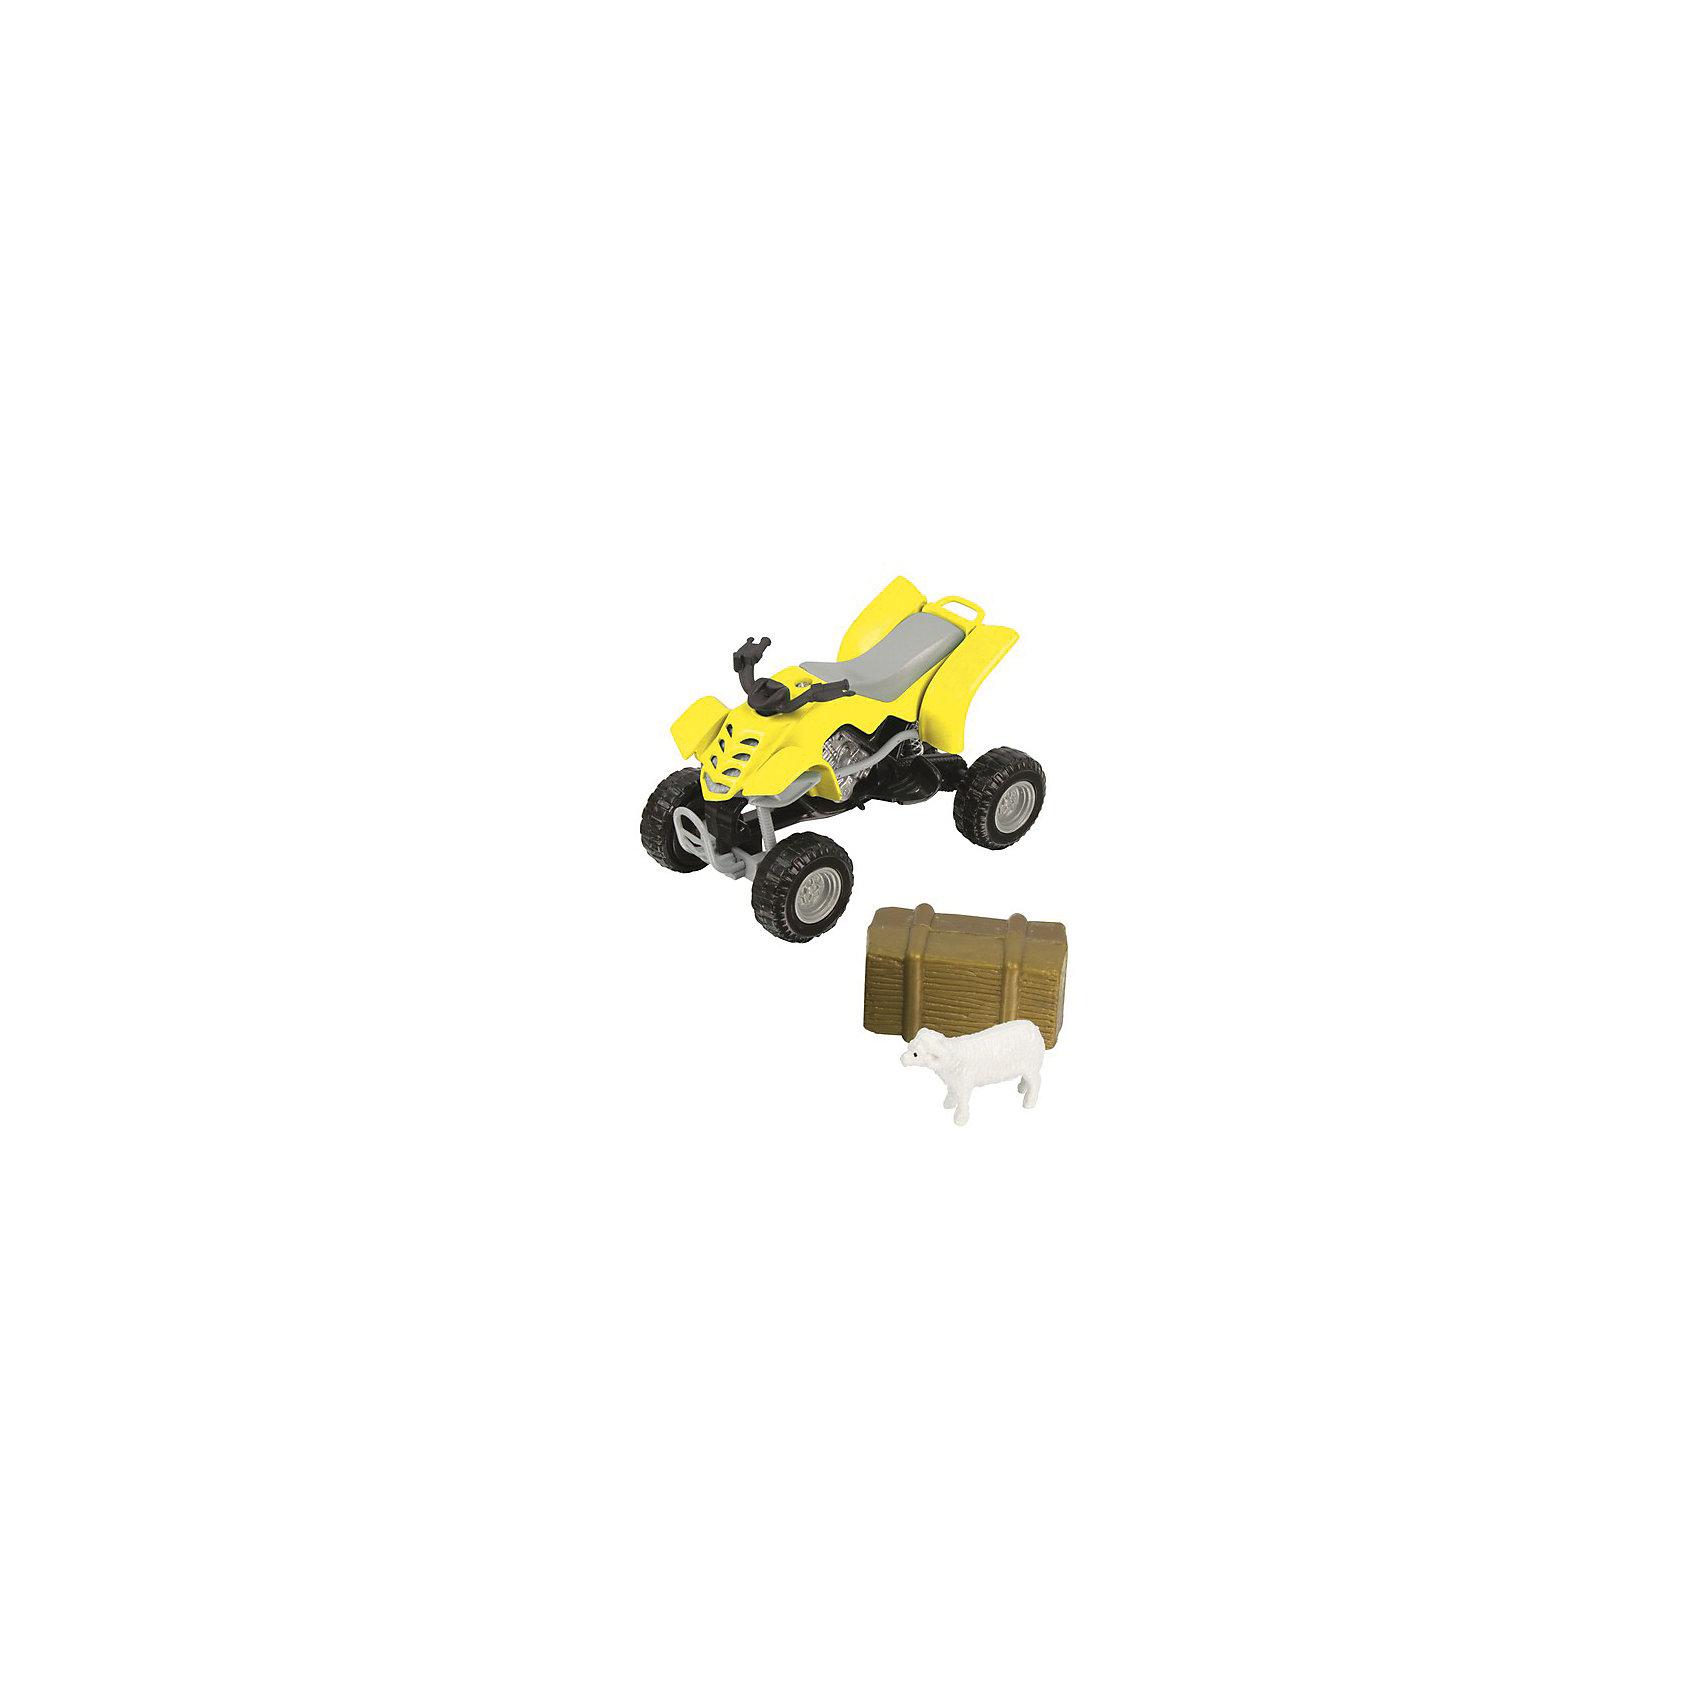 Квадроцикл, HTl GrоuрКаких только моделей машинок не встретишь сейчас на прилавках. Важно, чтобы они не только понравились ребенку и завладели его вниманием и сердцем, но и не принесли вреда. Абсолютно безопасны для детей модели автомобилей от британской компании HTI. Они отвечают высочайшим европейским стандартам. При создании игрушек используется прочный пластик с металлическими элементами. Высокая степень детализации делает машинки полностью схожими с оригиналами, поэтому такие автомобили могут стать частью коллекции и взрослого мужчины, и любимой игрушкой у малыша с 3 лет.<br>Набор «Фермерский квадроцикл» включает в себя не только средство передвижения, но и соответствующий антураж фигурки животных и предметы быта.<br><br>Дополнительная информация:<br><br>Масштаб: 1:24.<br>Комплект: квадроцикл, фигурка животного, предмет быта.<br>Материал: металл, пластик.<br>Размер упаковки: 7.3 х 5.8 х 18 см.<br><br>Квадроцикл, HTl Grоuр можно купить в нашем магазине.<br><br>Ширина мм: 18<br>Глубина мм: 6<br>Высота мм: 7<br>Вес г: 60<br>Возраст от месяцев: 36<br>Возраст до месяцев: 96<br>Пол: Мужской<br>Возраст: Детский<br>SKU: 4574052